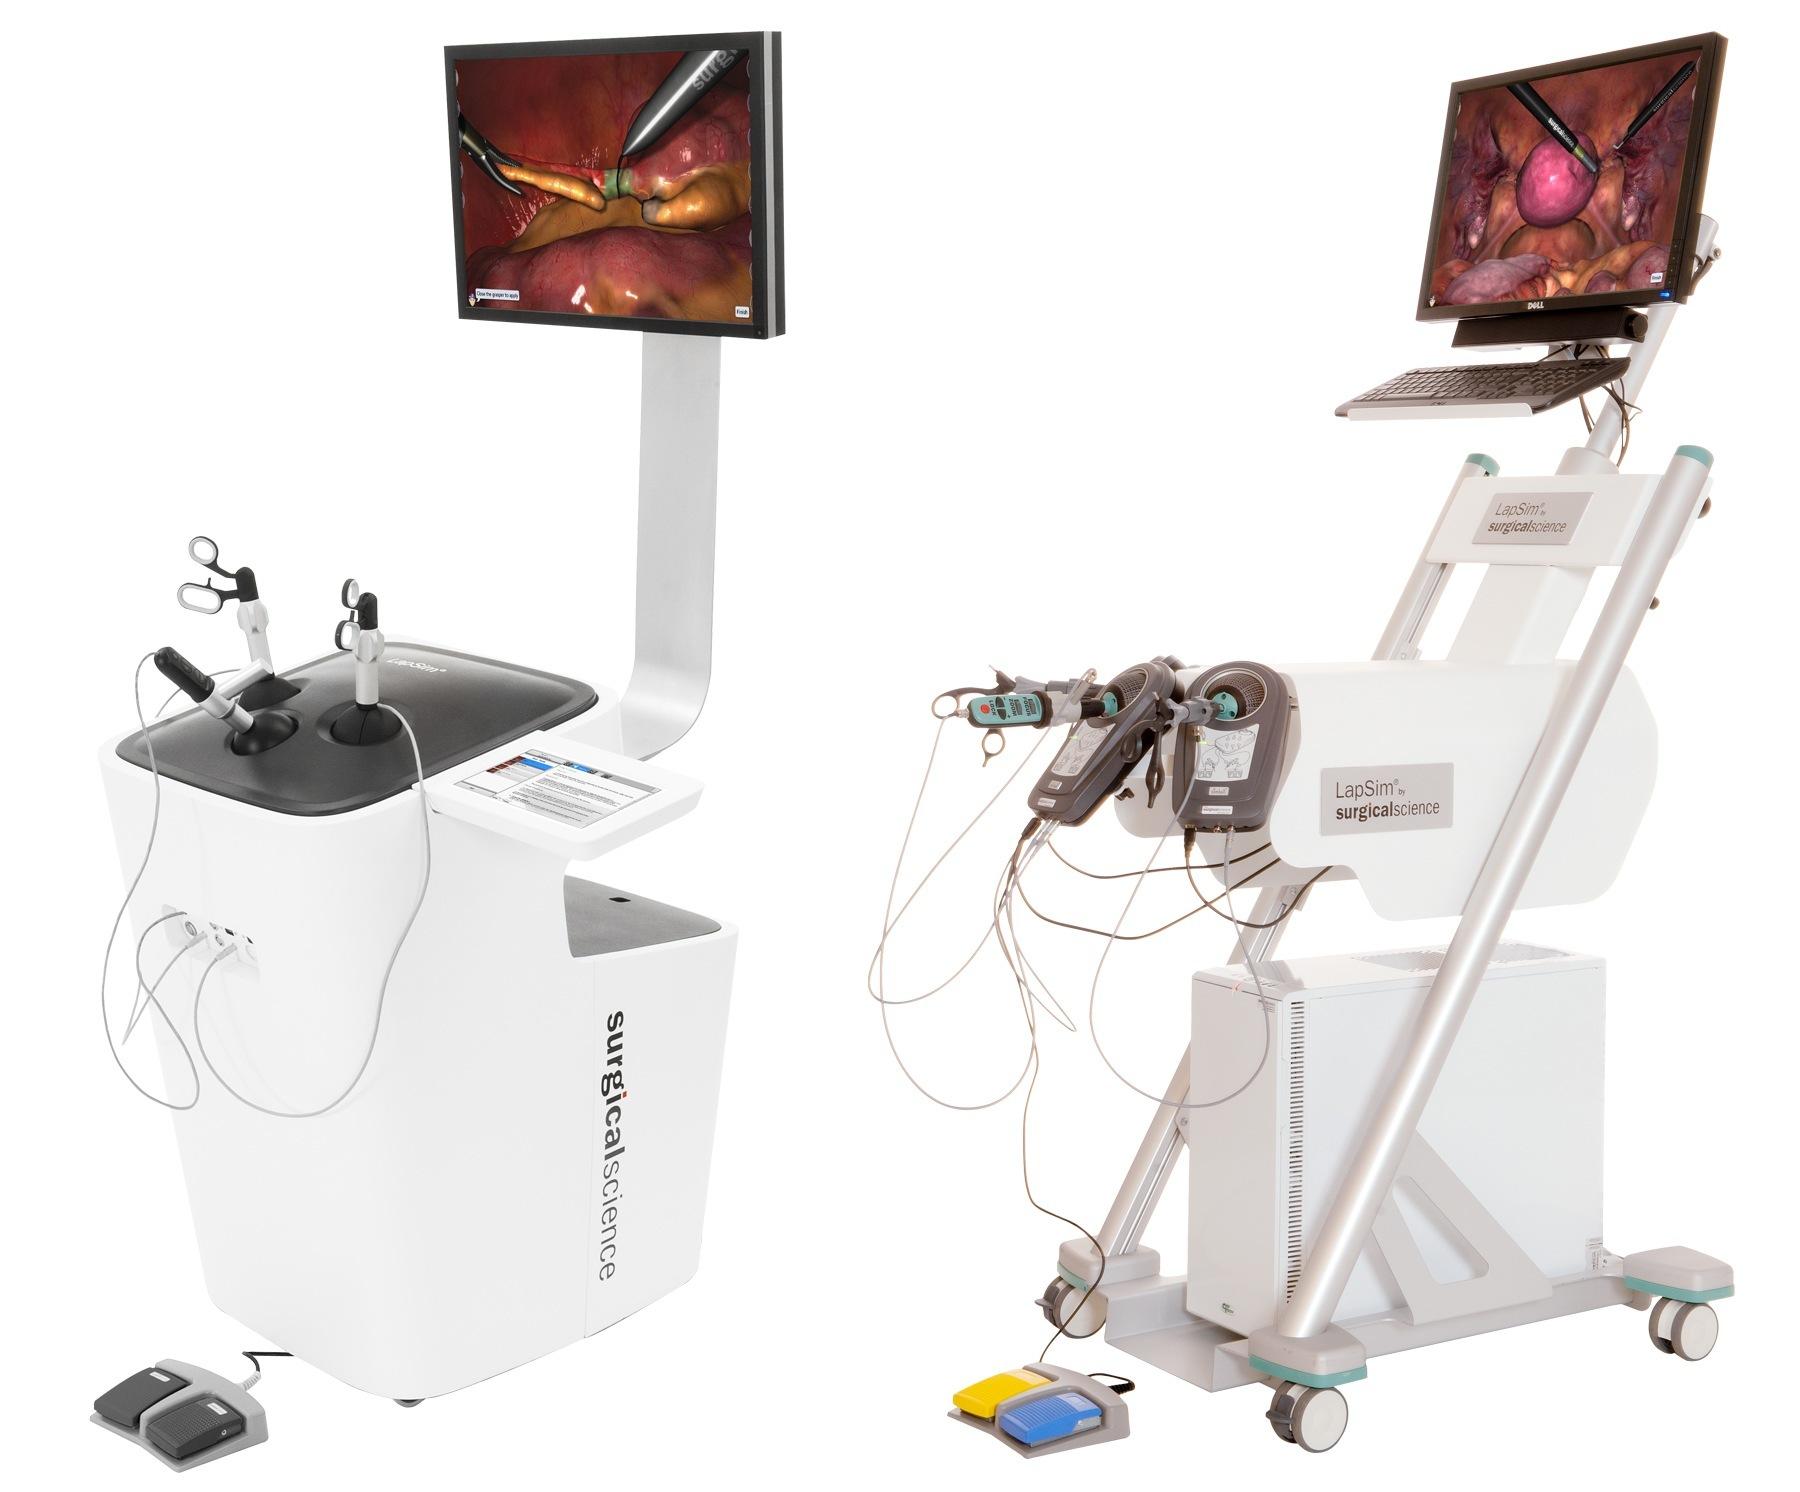 Laproscopie simulator van LapSim